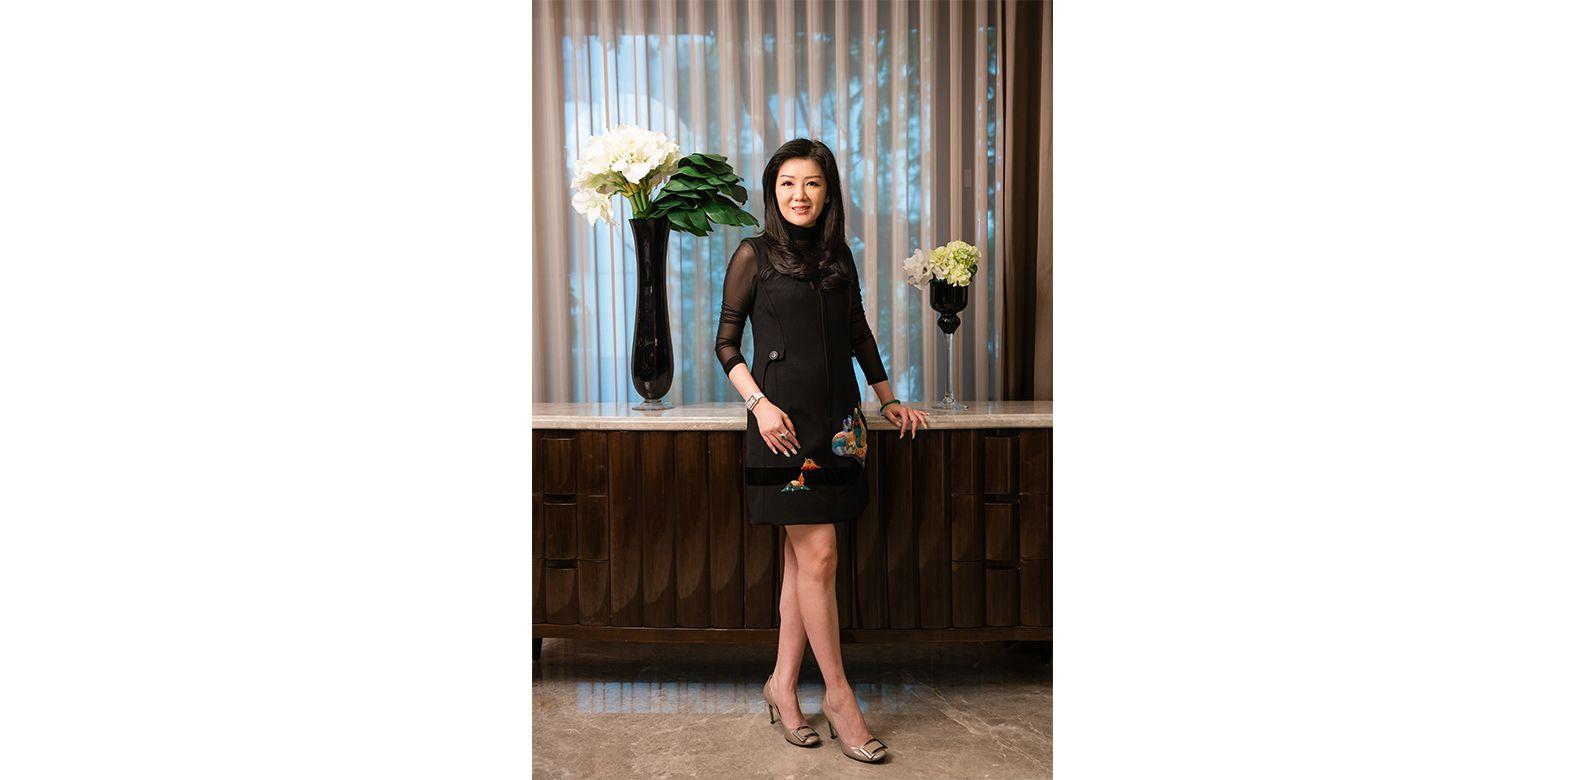 《台灣女力》周珊旭 - 正面情緒散發美麗能量